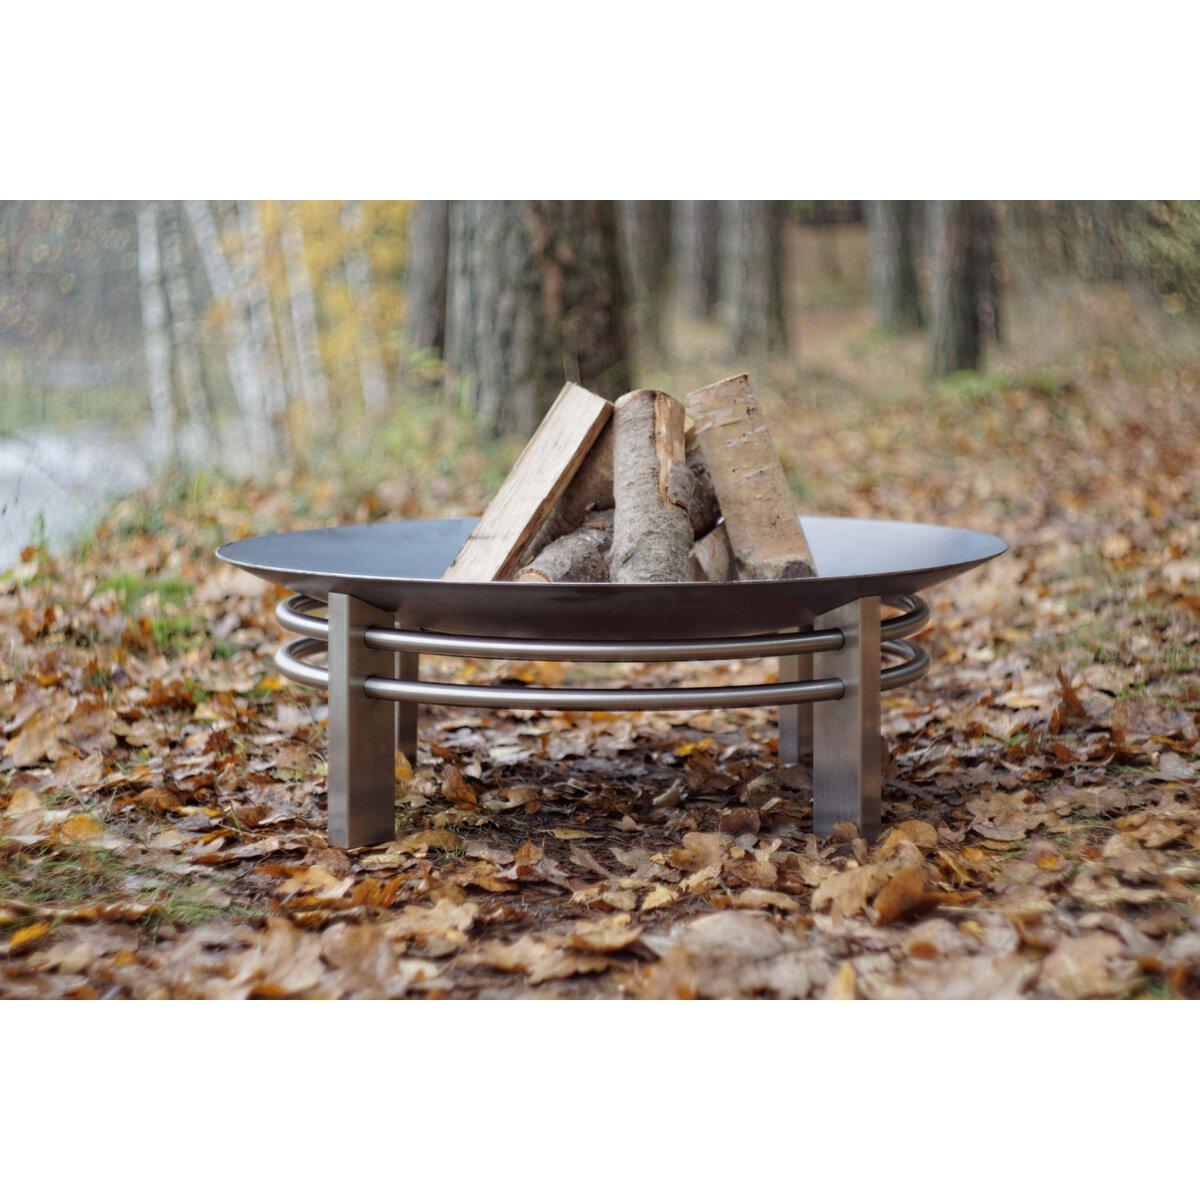 Schwenkgrill mit Kessel Gusseisen und Feuerschale 60cm Pan 34 Dreibein Grill BBQ